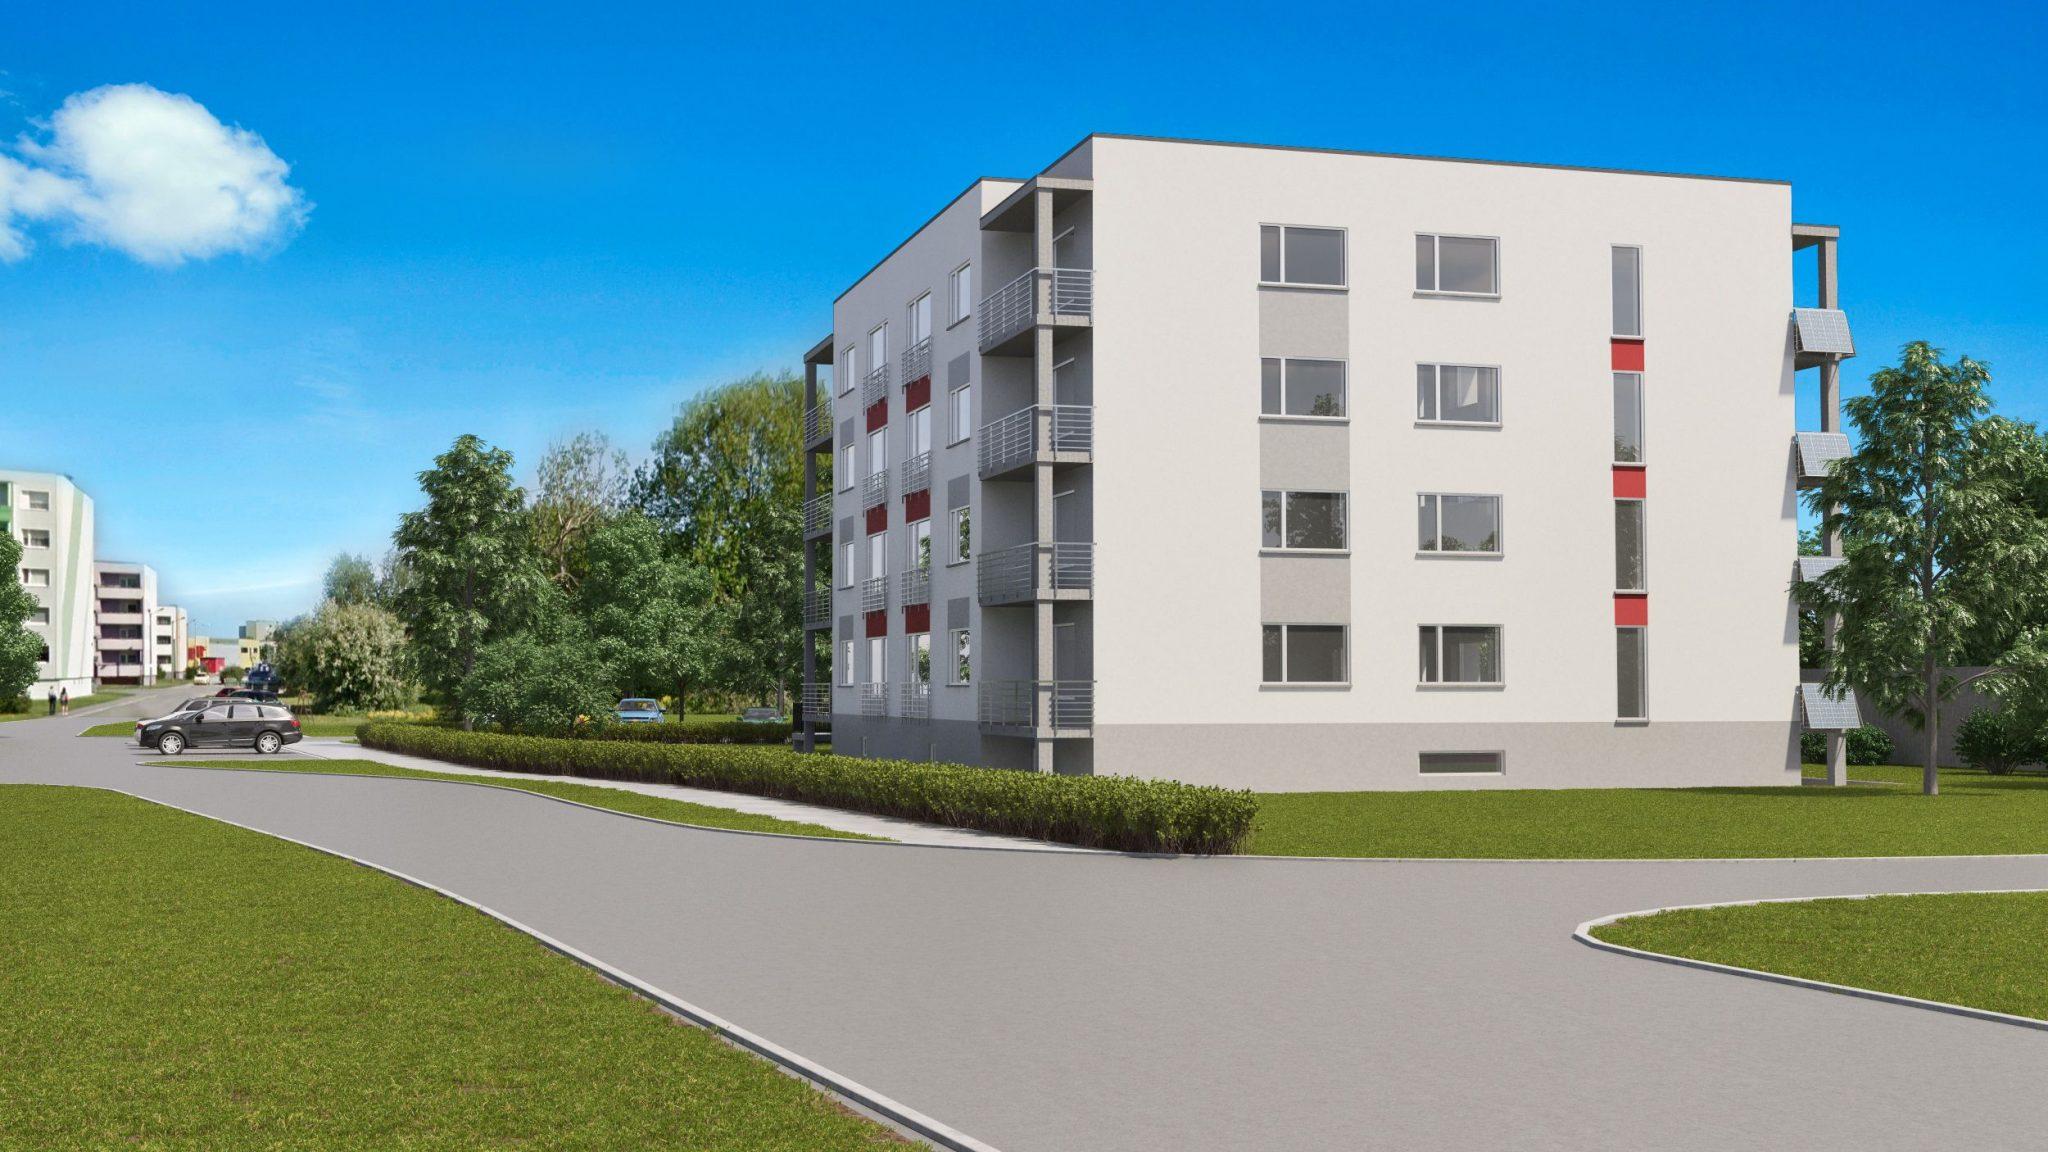 PRESSITEADE: Enne ehitustööde algust on broneeritud 50% Päikeseelamu korteritest